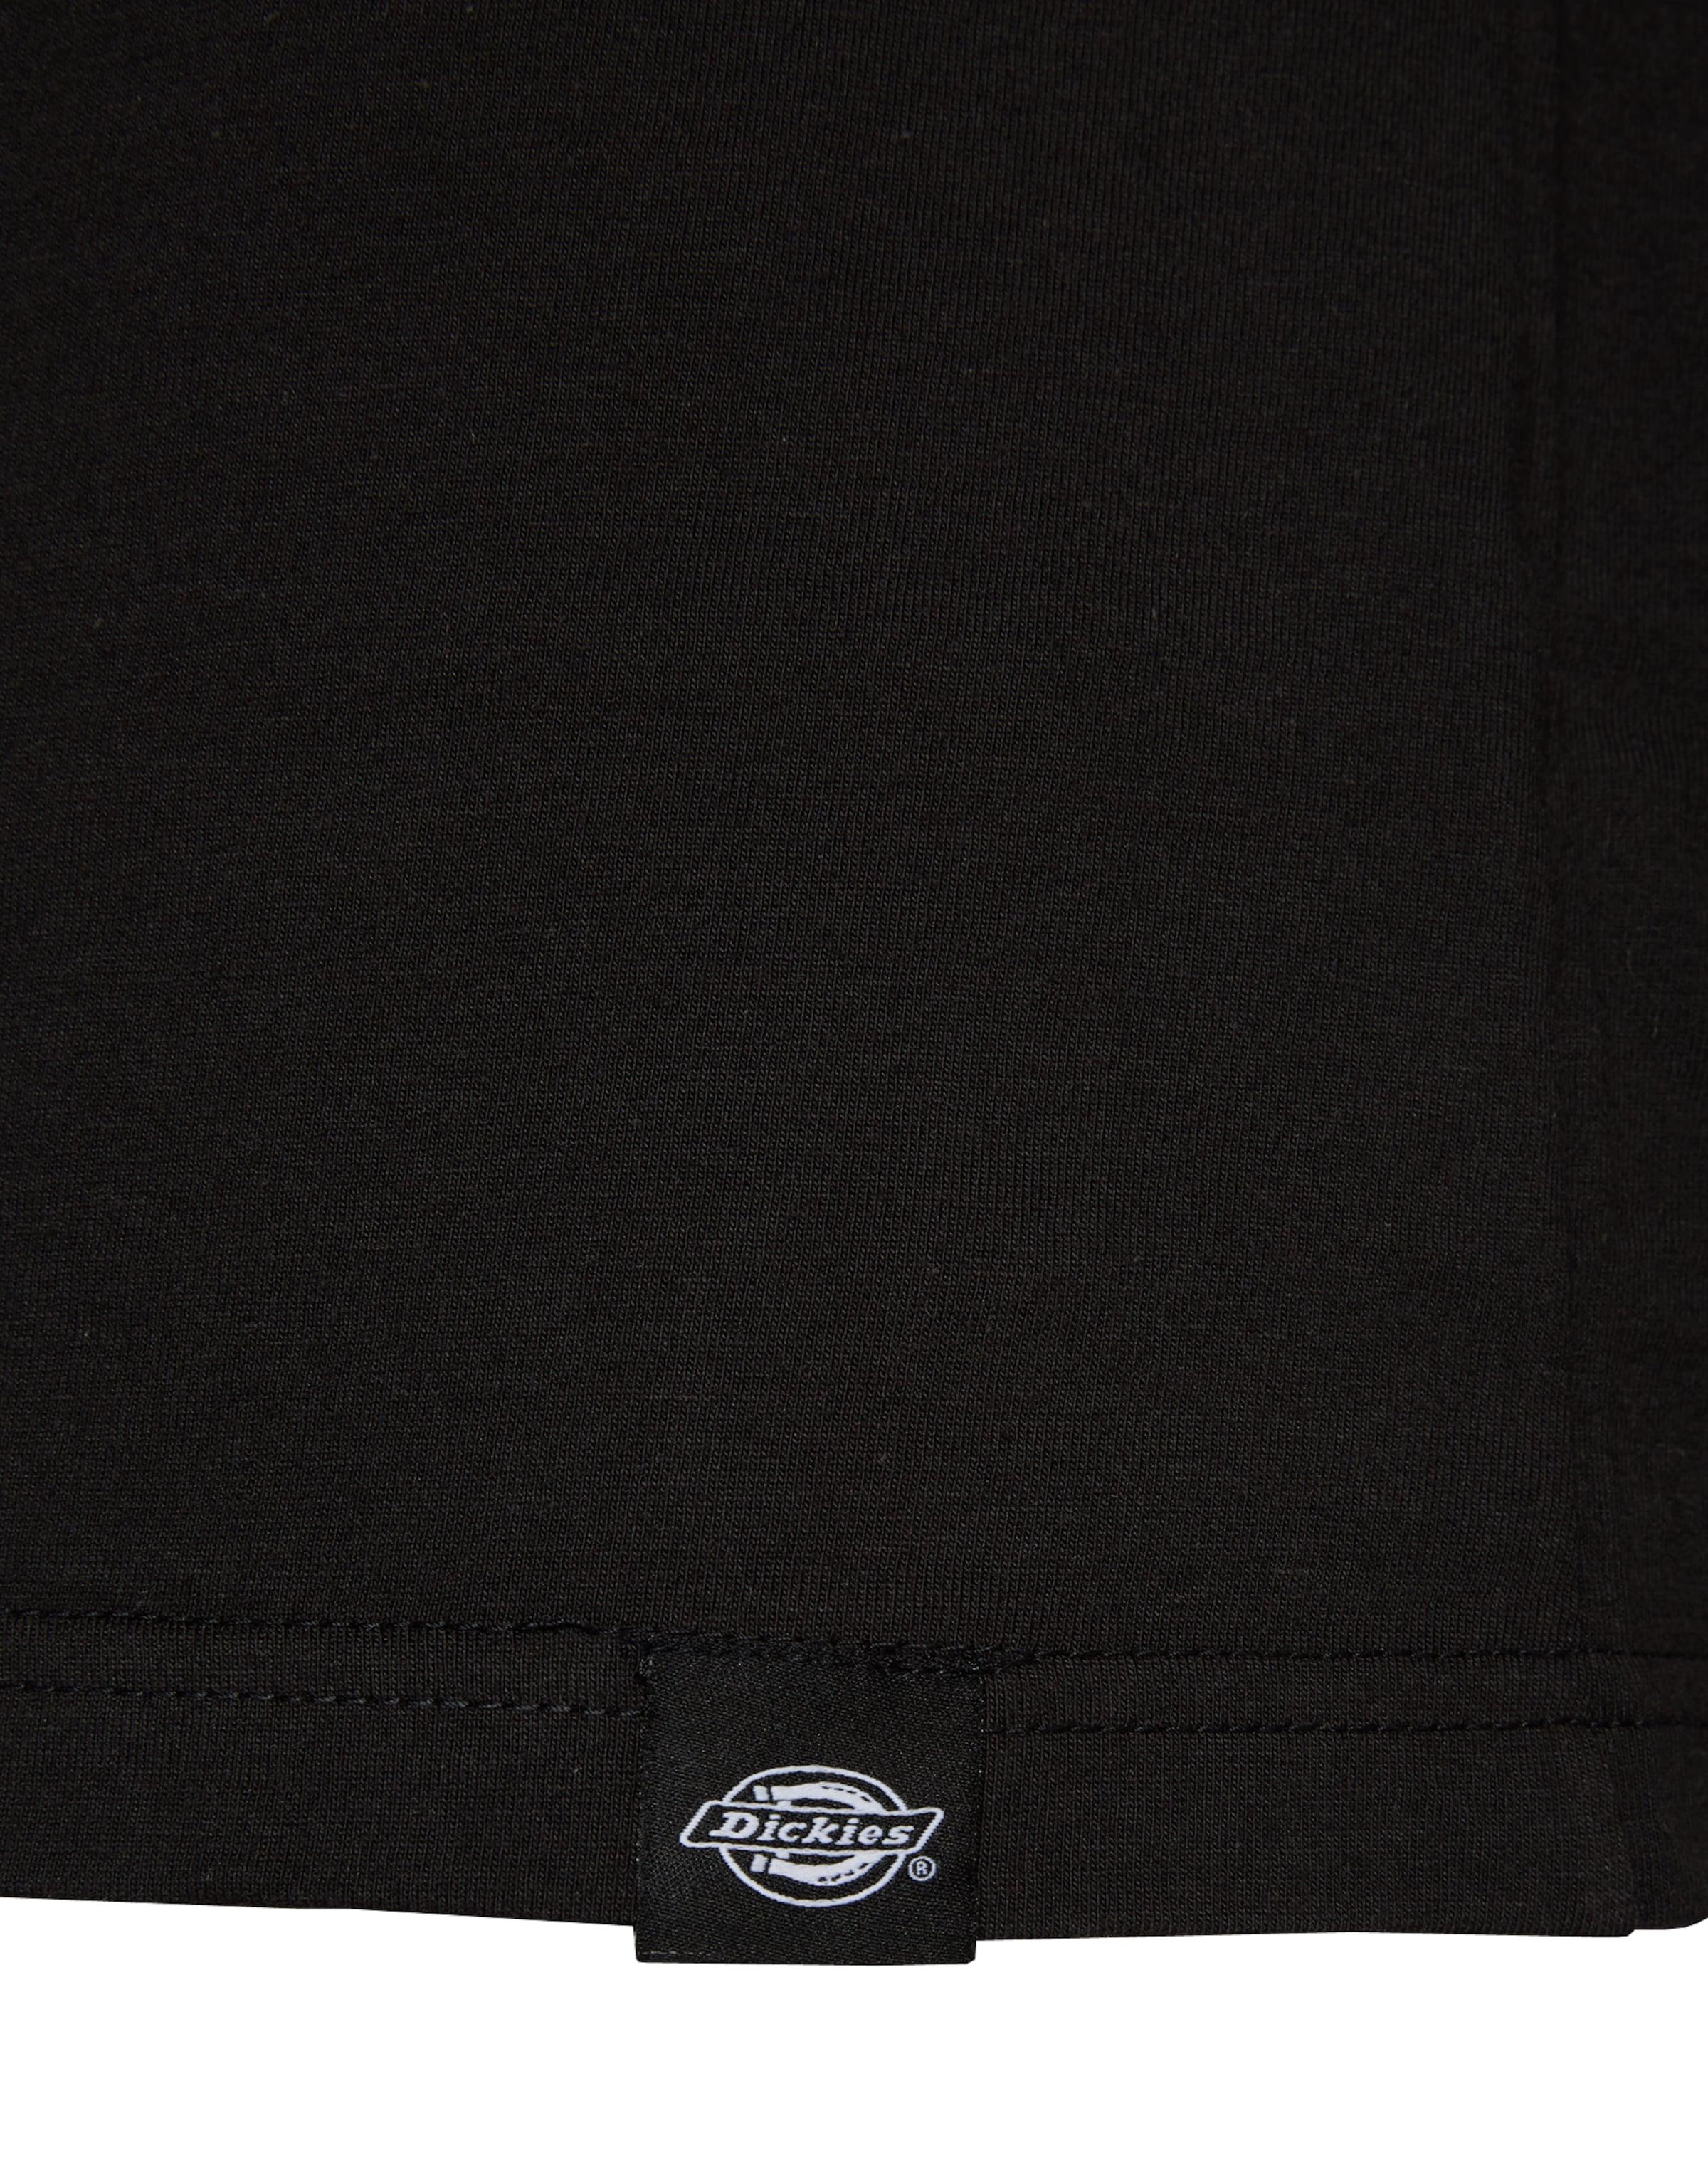 DICKIES T-Shirt Bekommen B6QnvpUwr